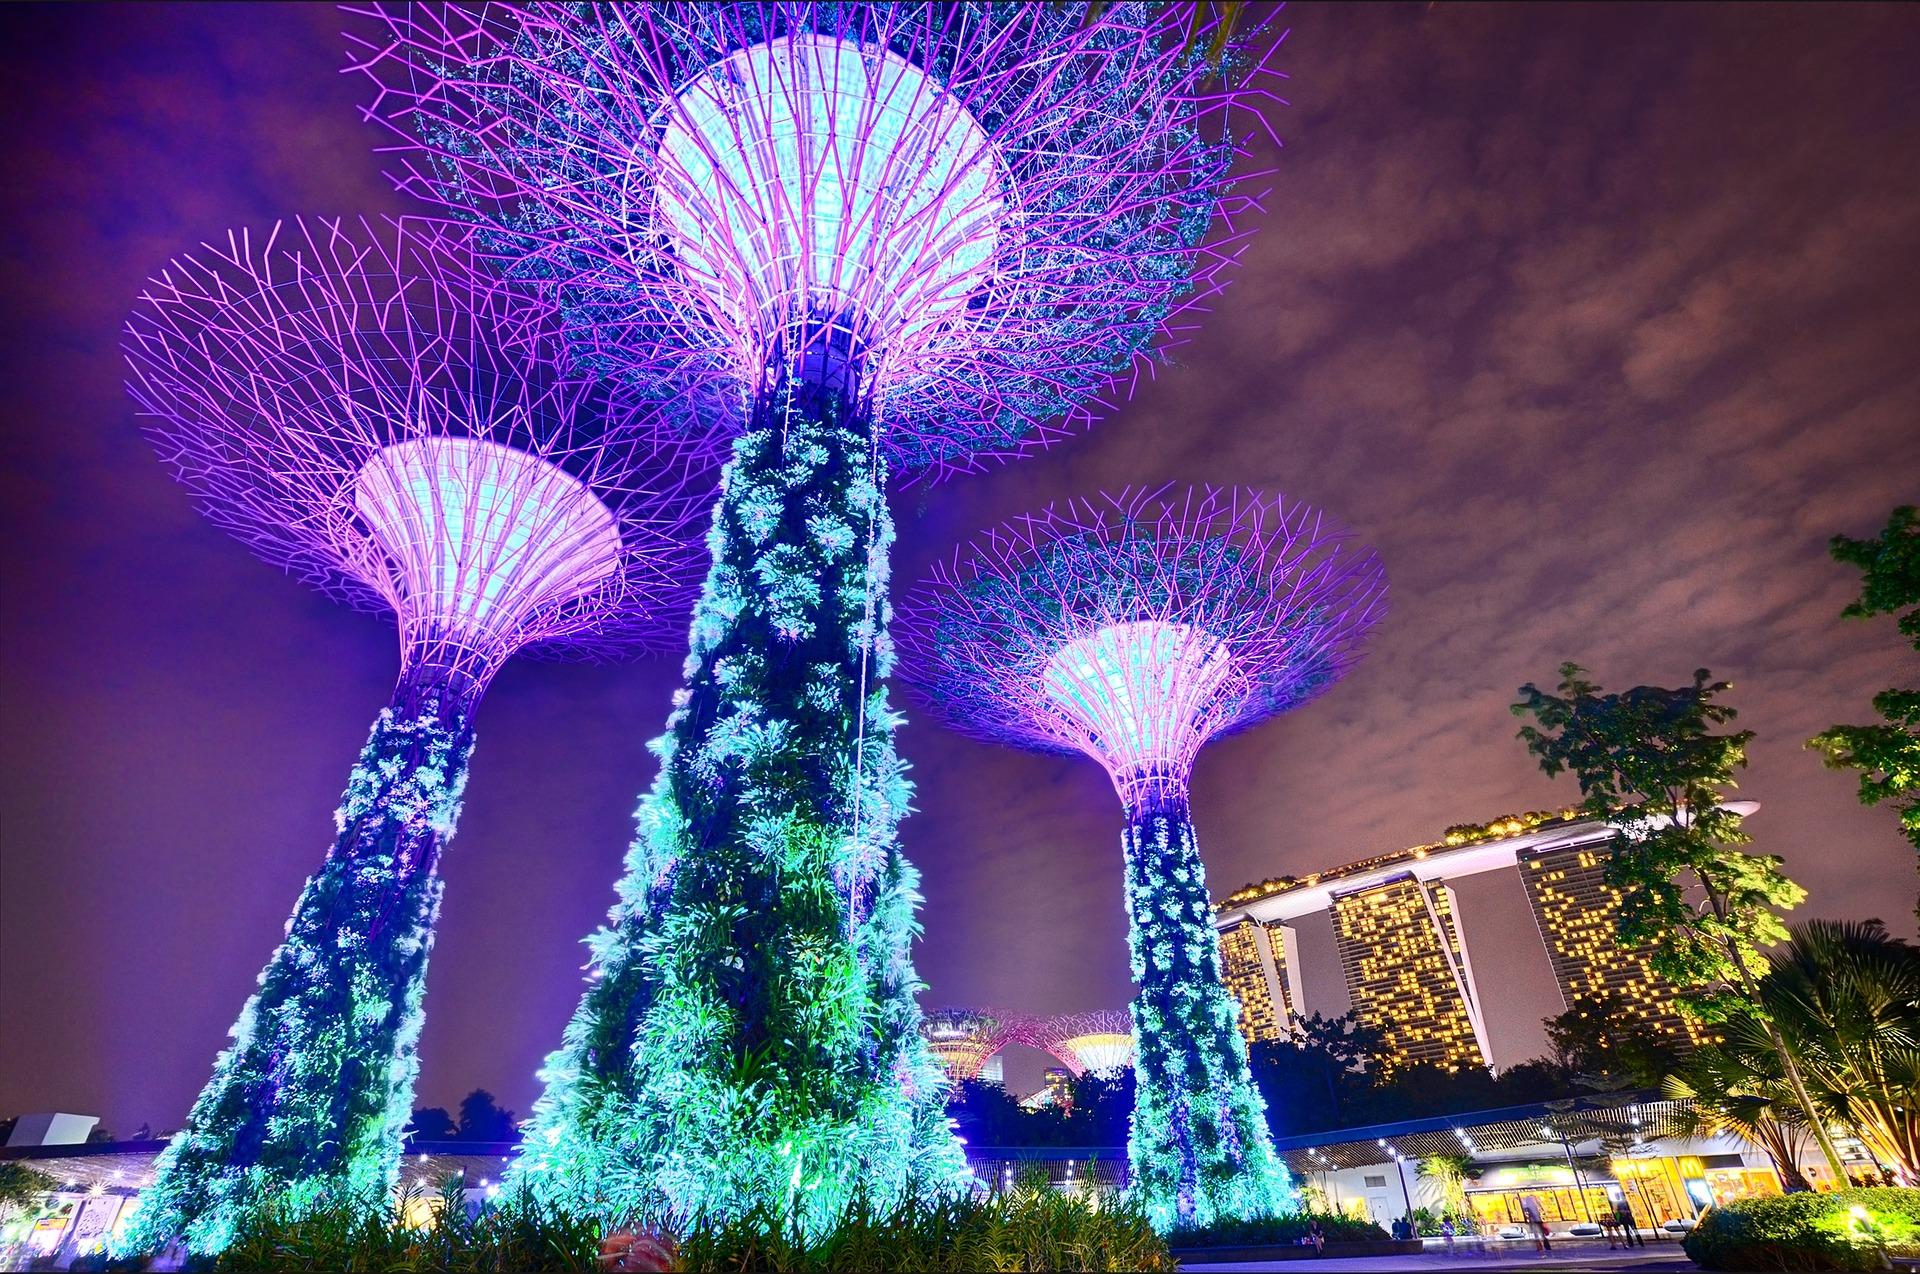 Le développement urbain de Singapour respectueux de l'environnement